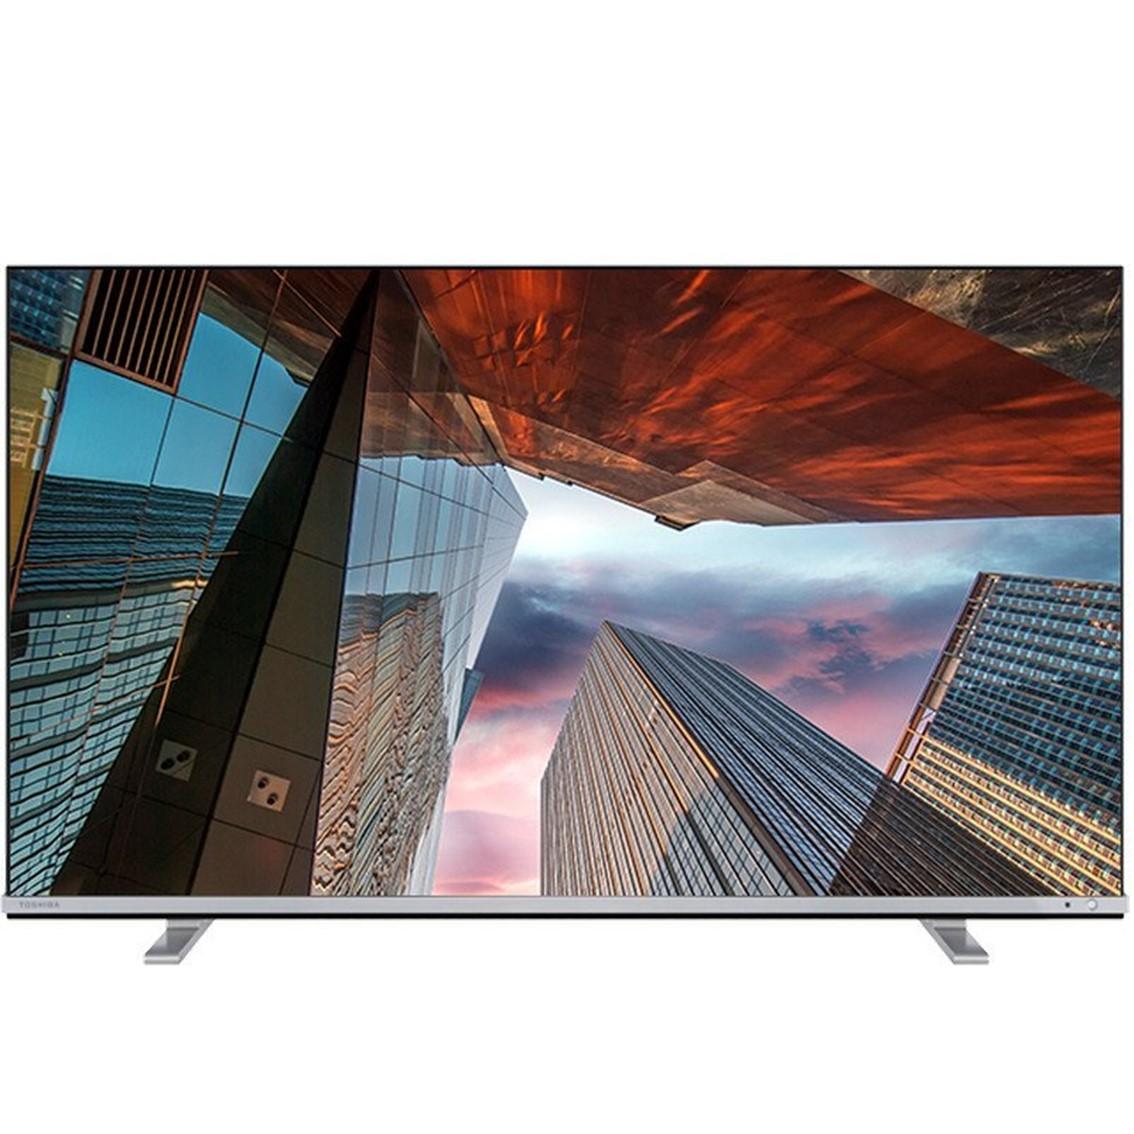 Tv toshiba 50pulgadas led 4k uhd -  50ul4b63dg -  smart tv -  wifi -  hdr10 -   hd dvb - t2 - c - s2 -  bluetooth -  dolby vision hdr -